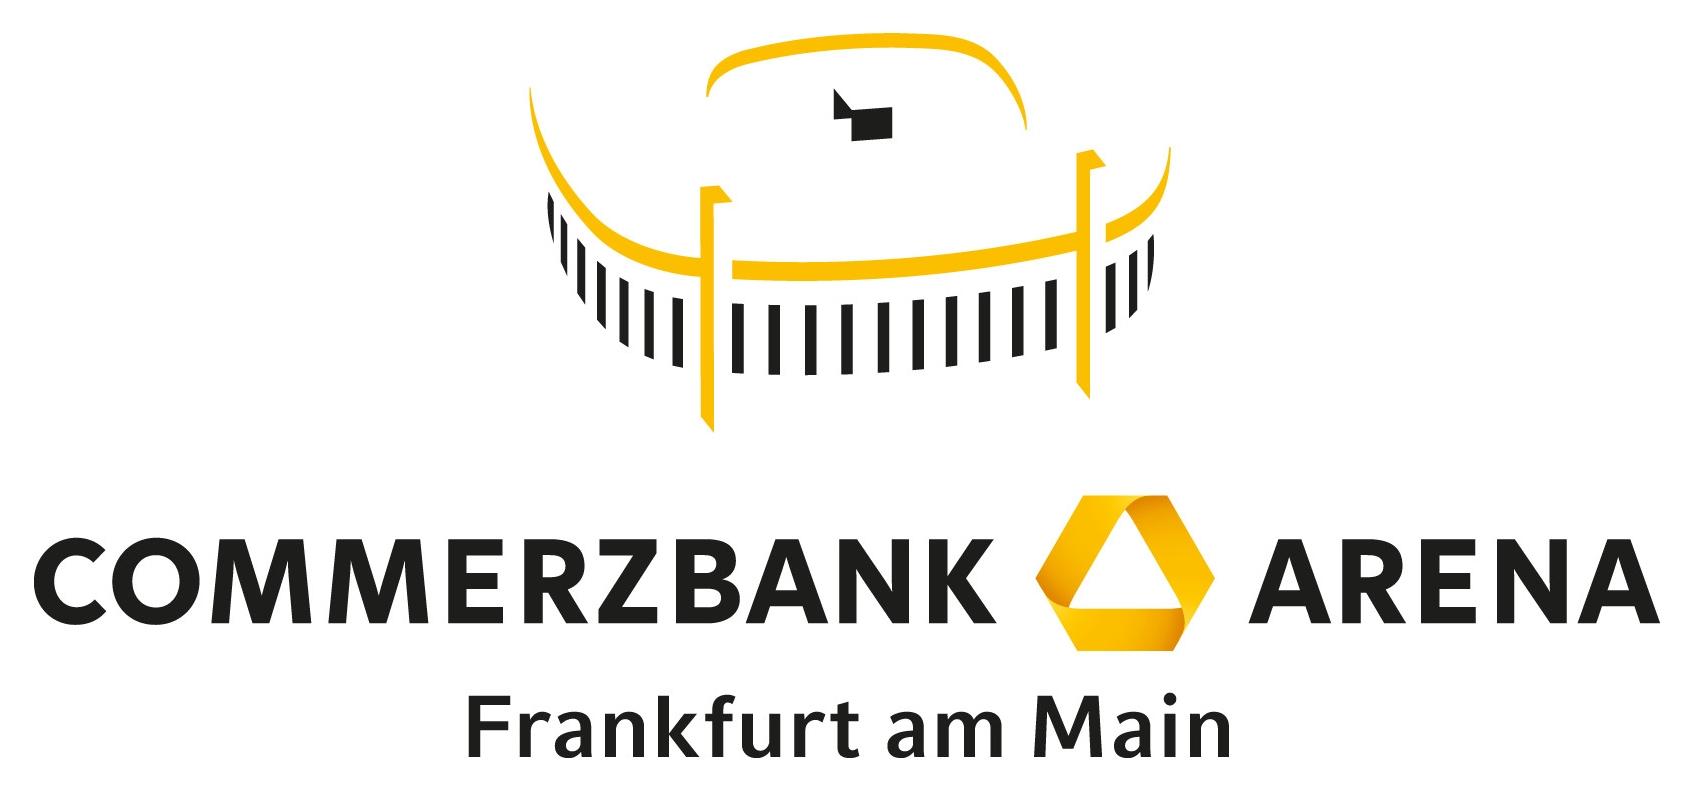 Commerzbank-Arena Logo